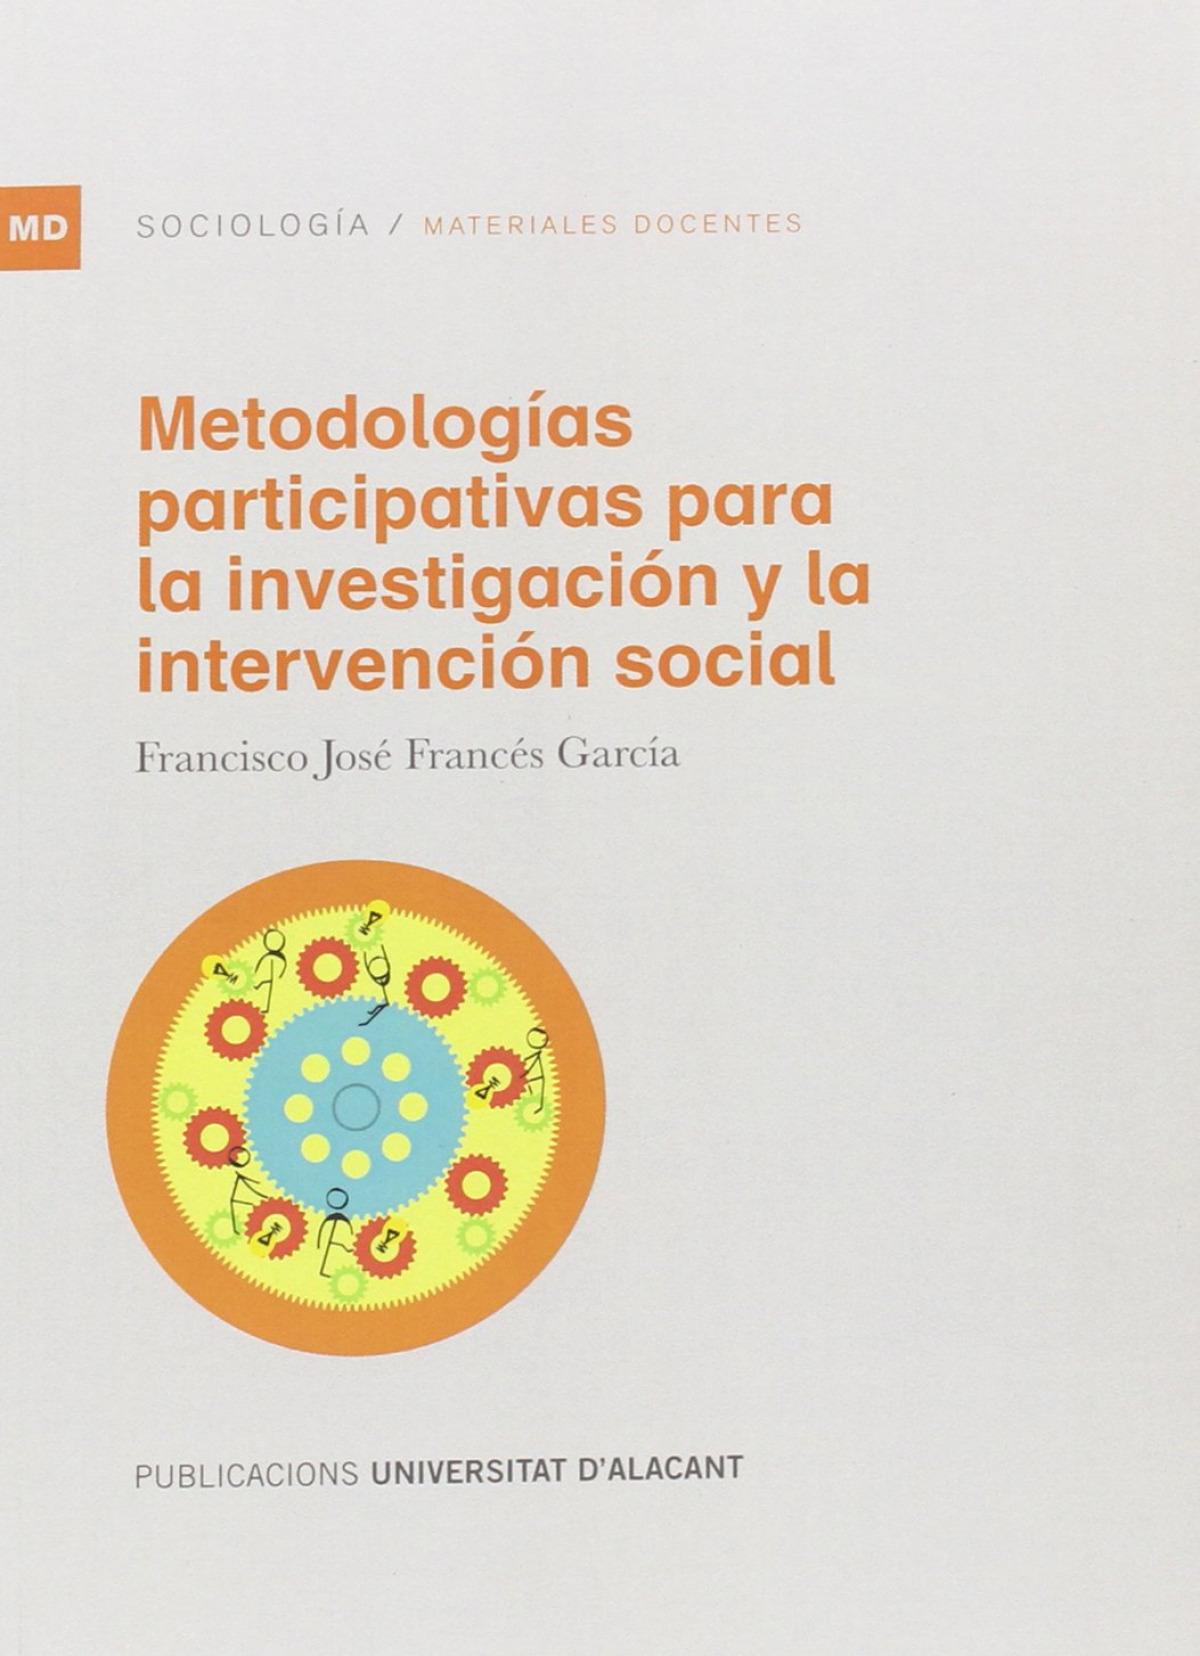 Metodologías participativas para la investigación y la intervención social